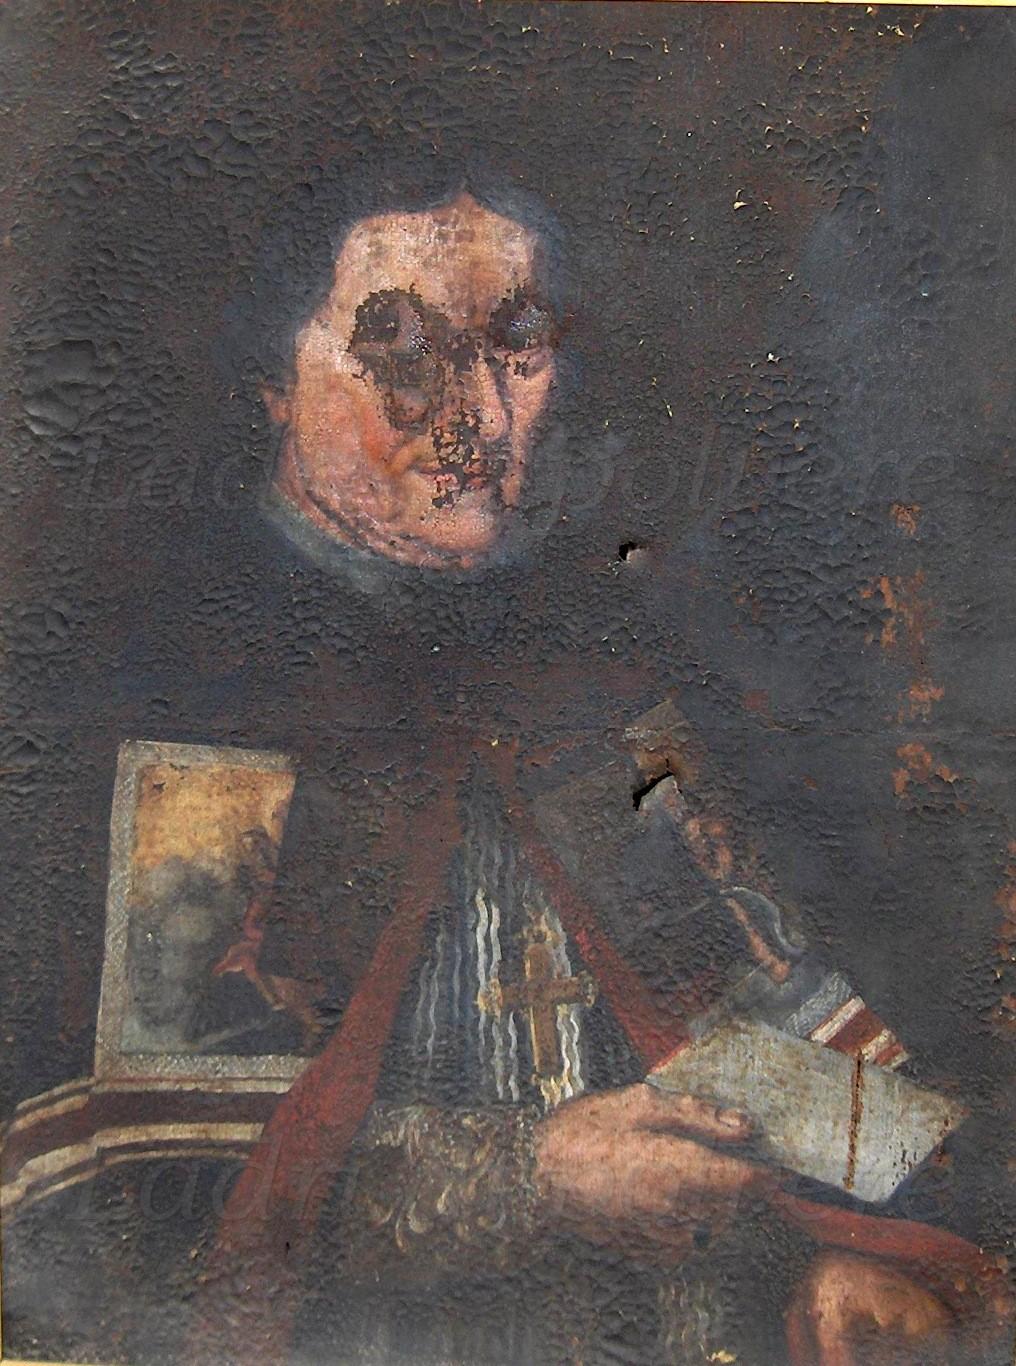 UN VESCOVO PERFETTO ELIMINATO DALL'ALLORA IGNORANZA DEI CAMINONA  (Mons. Francesco Bugliari  14 Ottobre 1742 – 18 Agosto 1806)